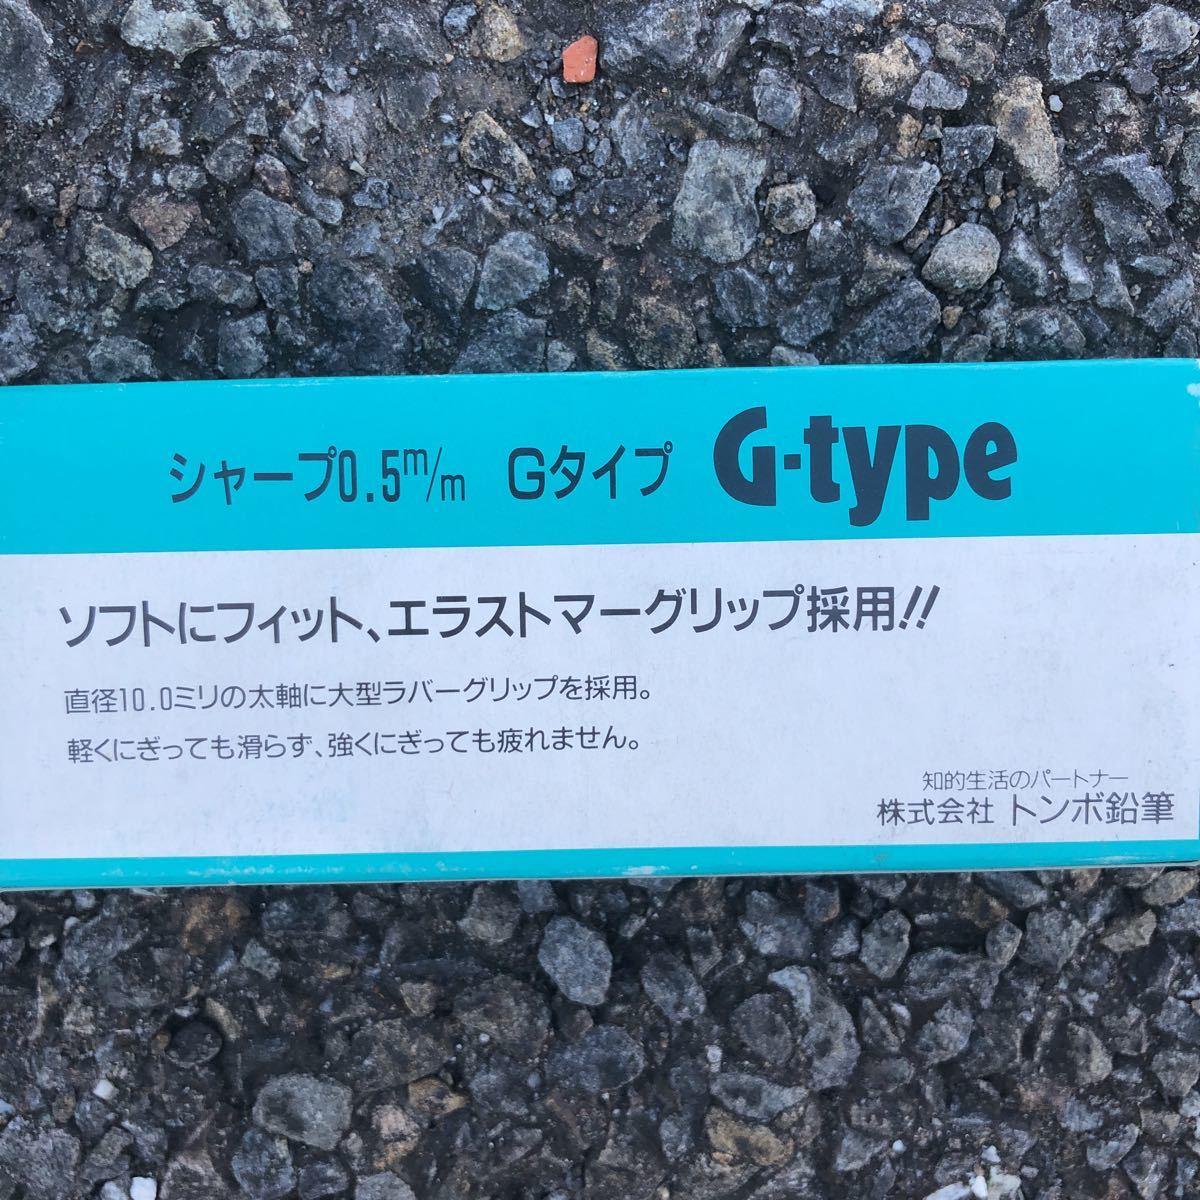 送料無料【未使用】トンボ鉛筆 SH-TG G-type 廃盤 廃番 5本入 デッドストック シャープペンシル 0.5mm 透明グリーン_画像3